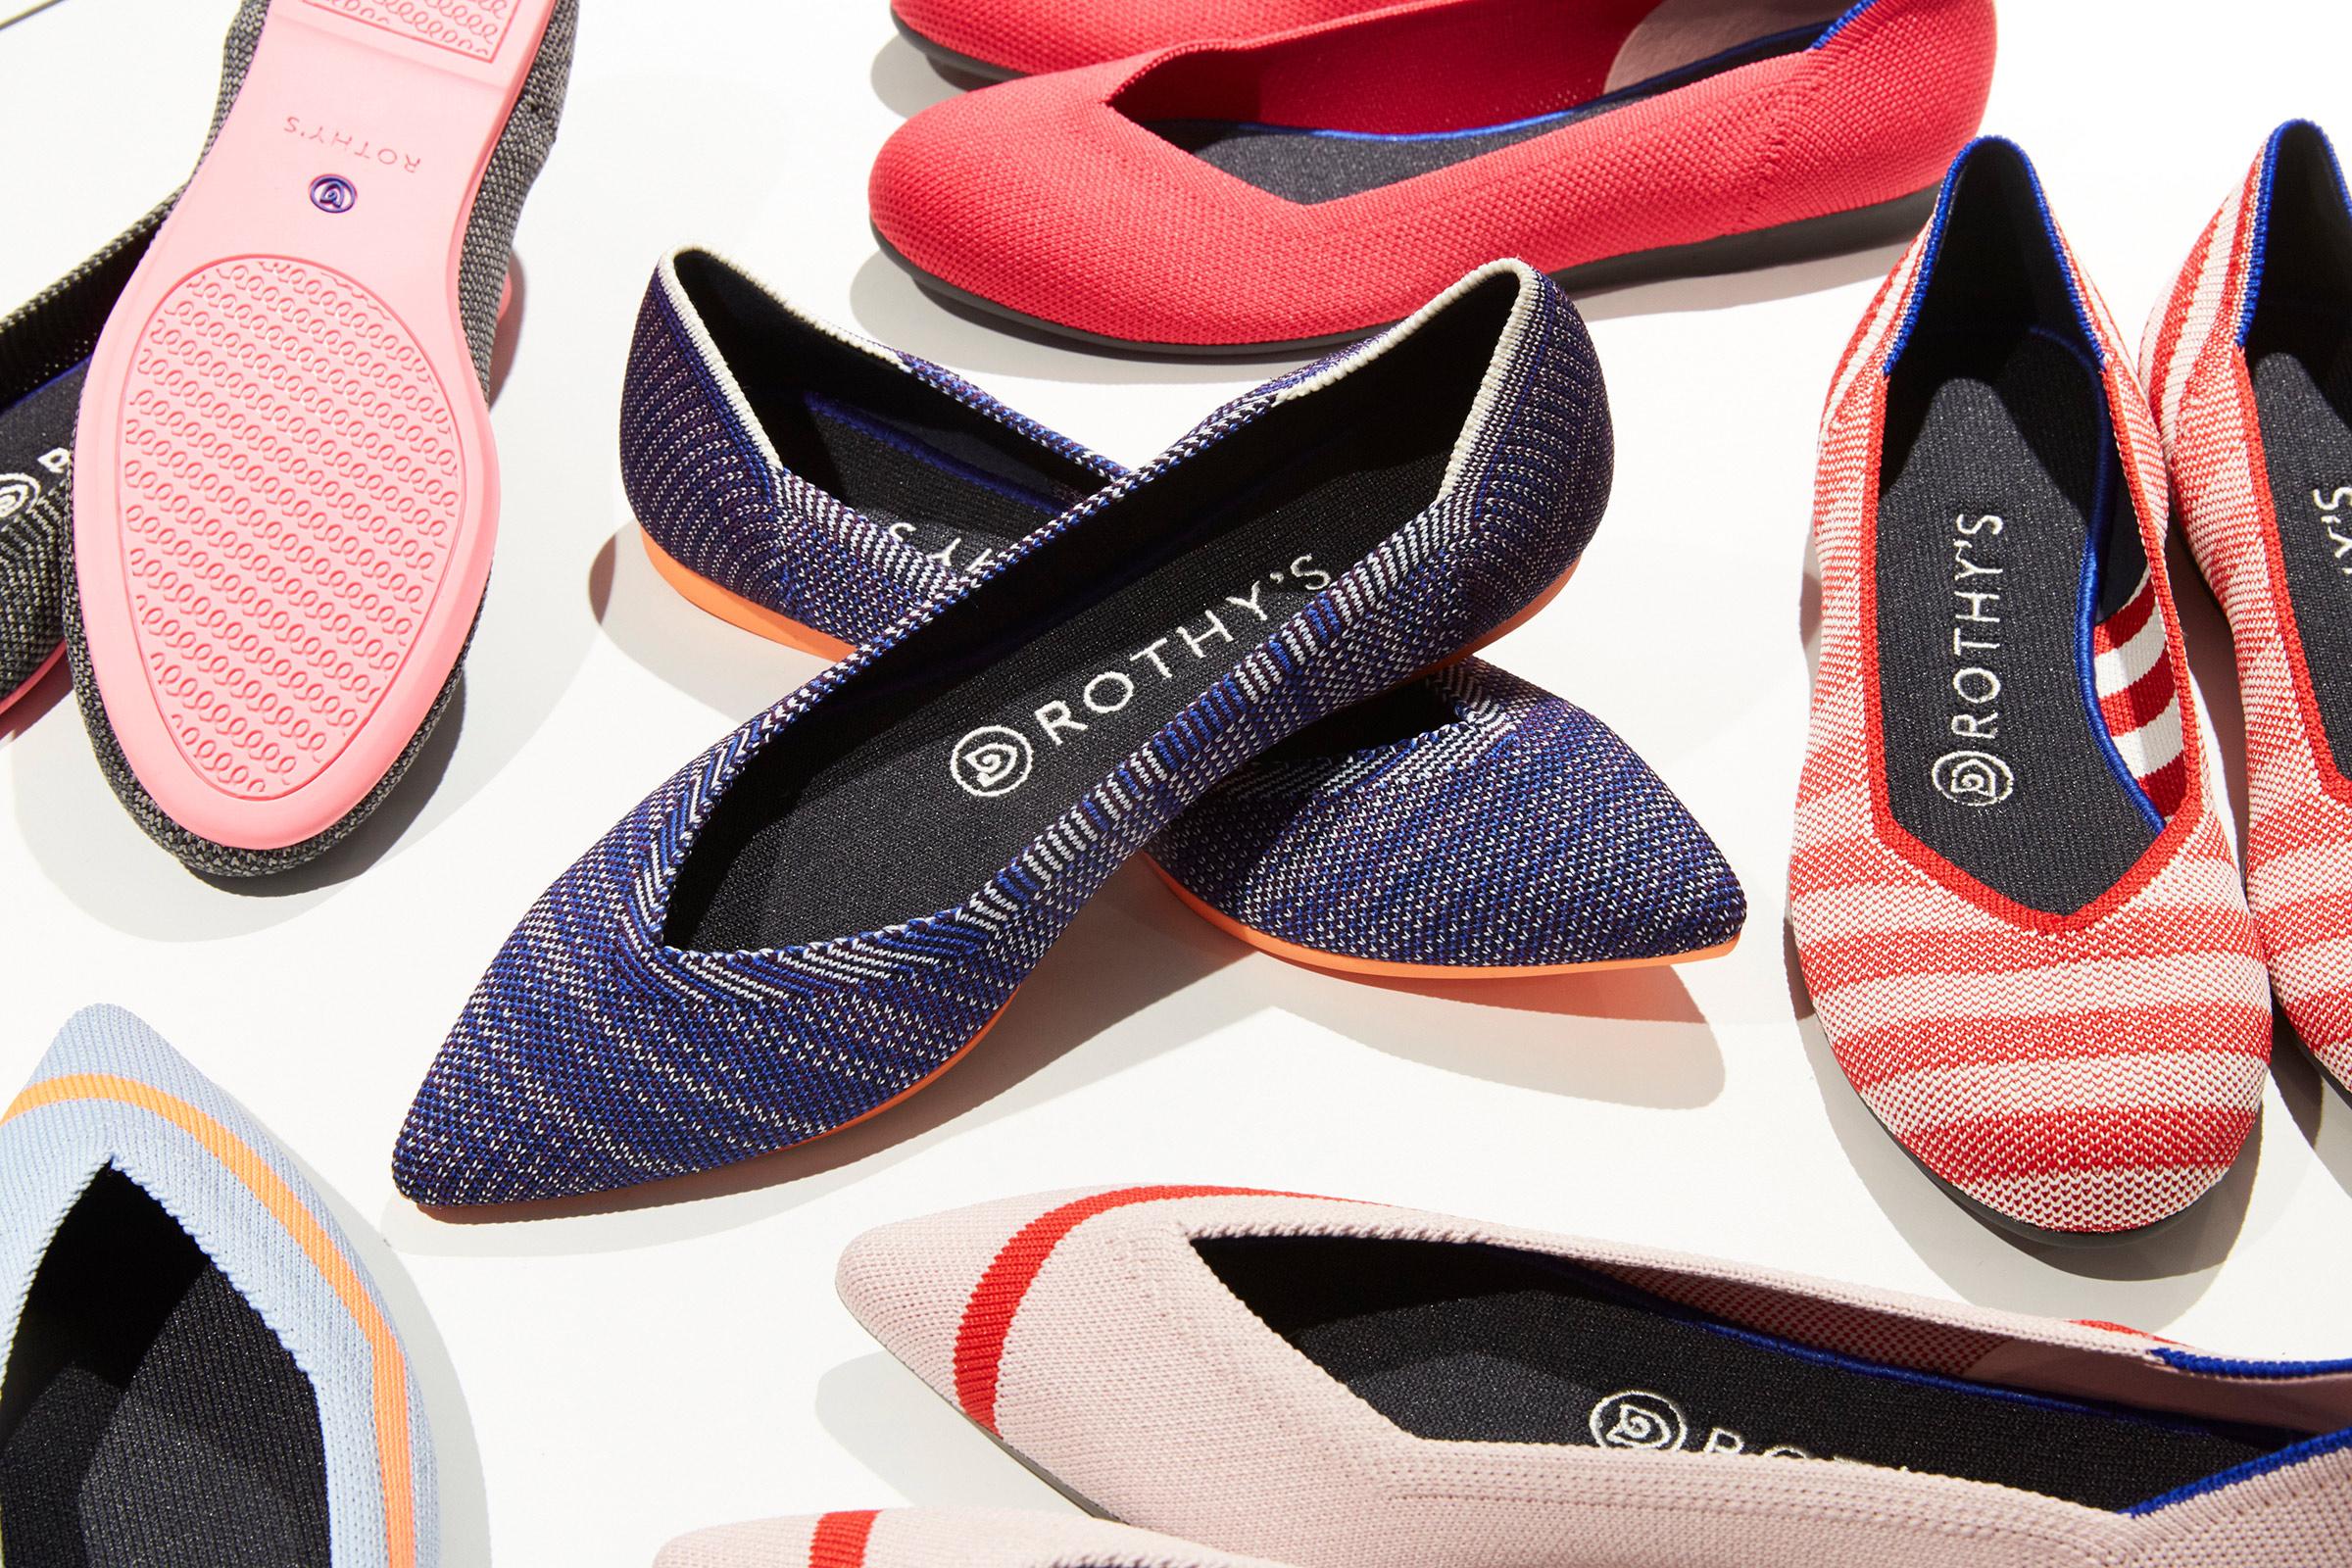 Rothy's footwear